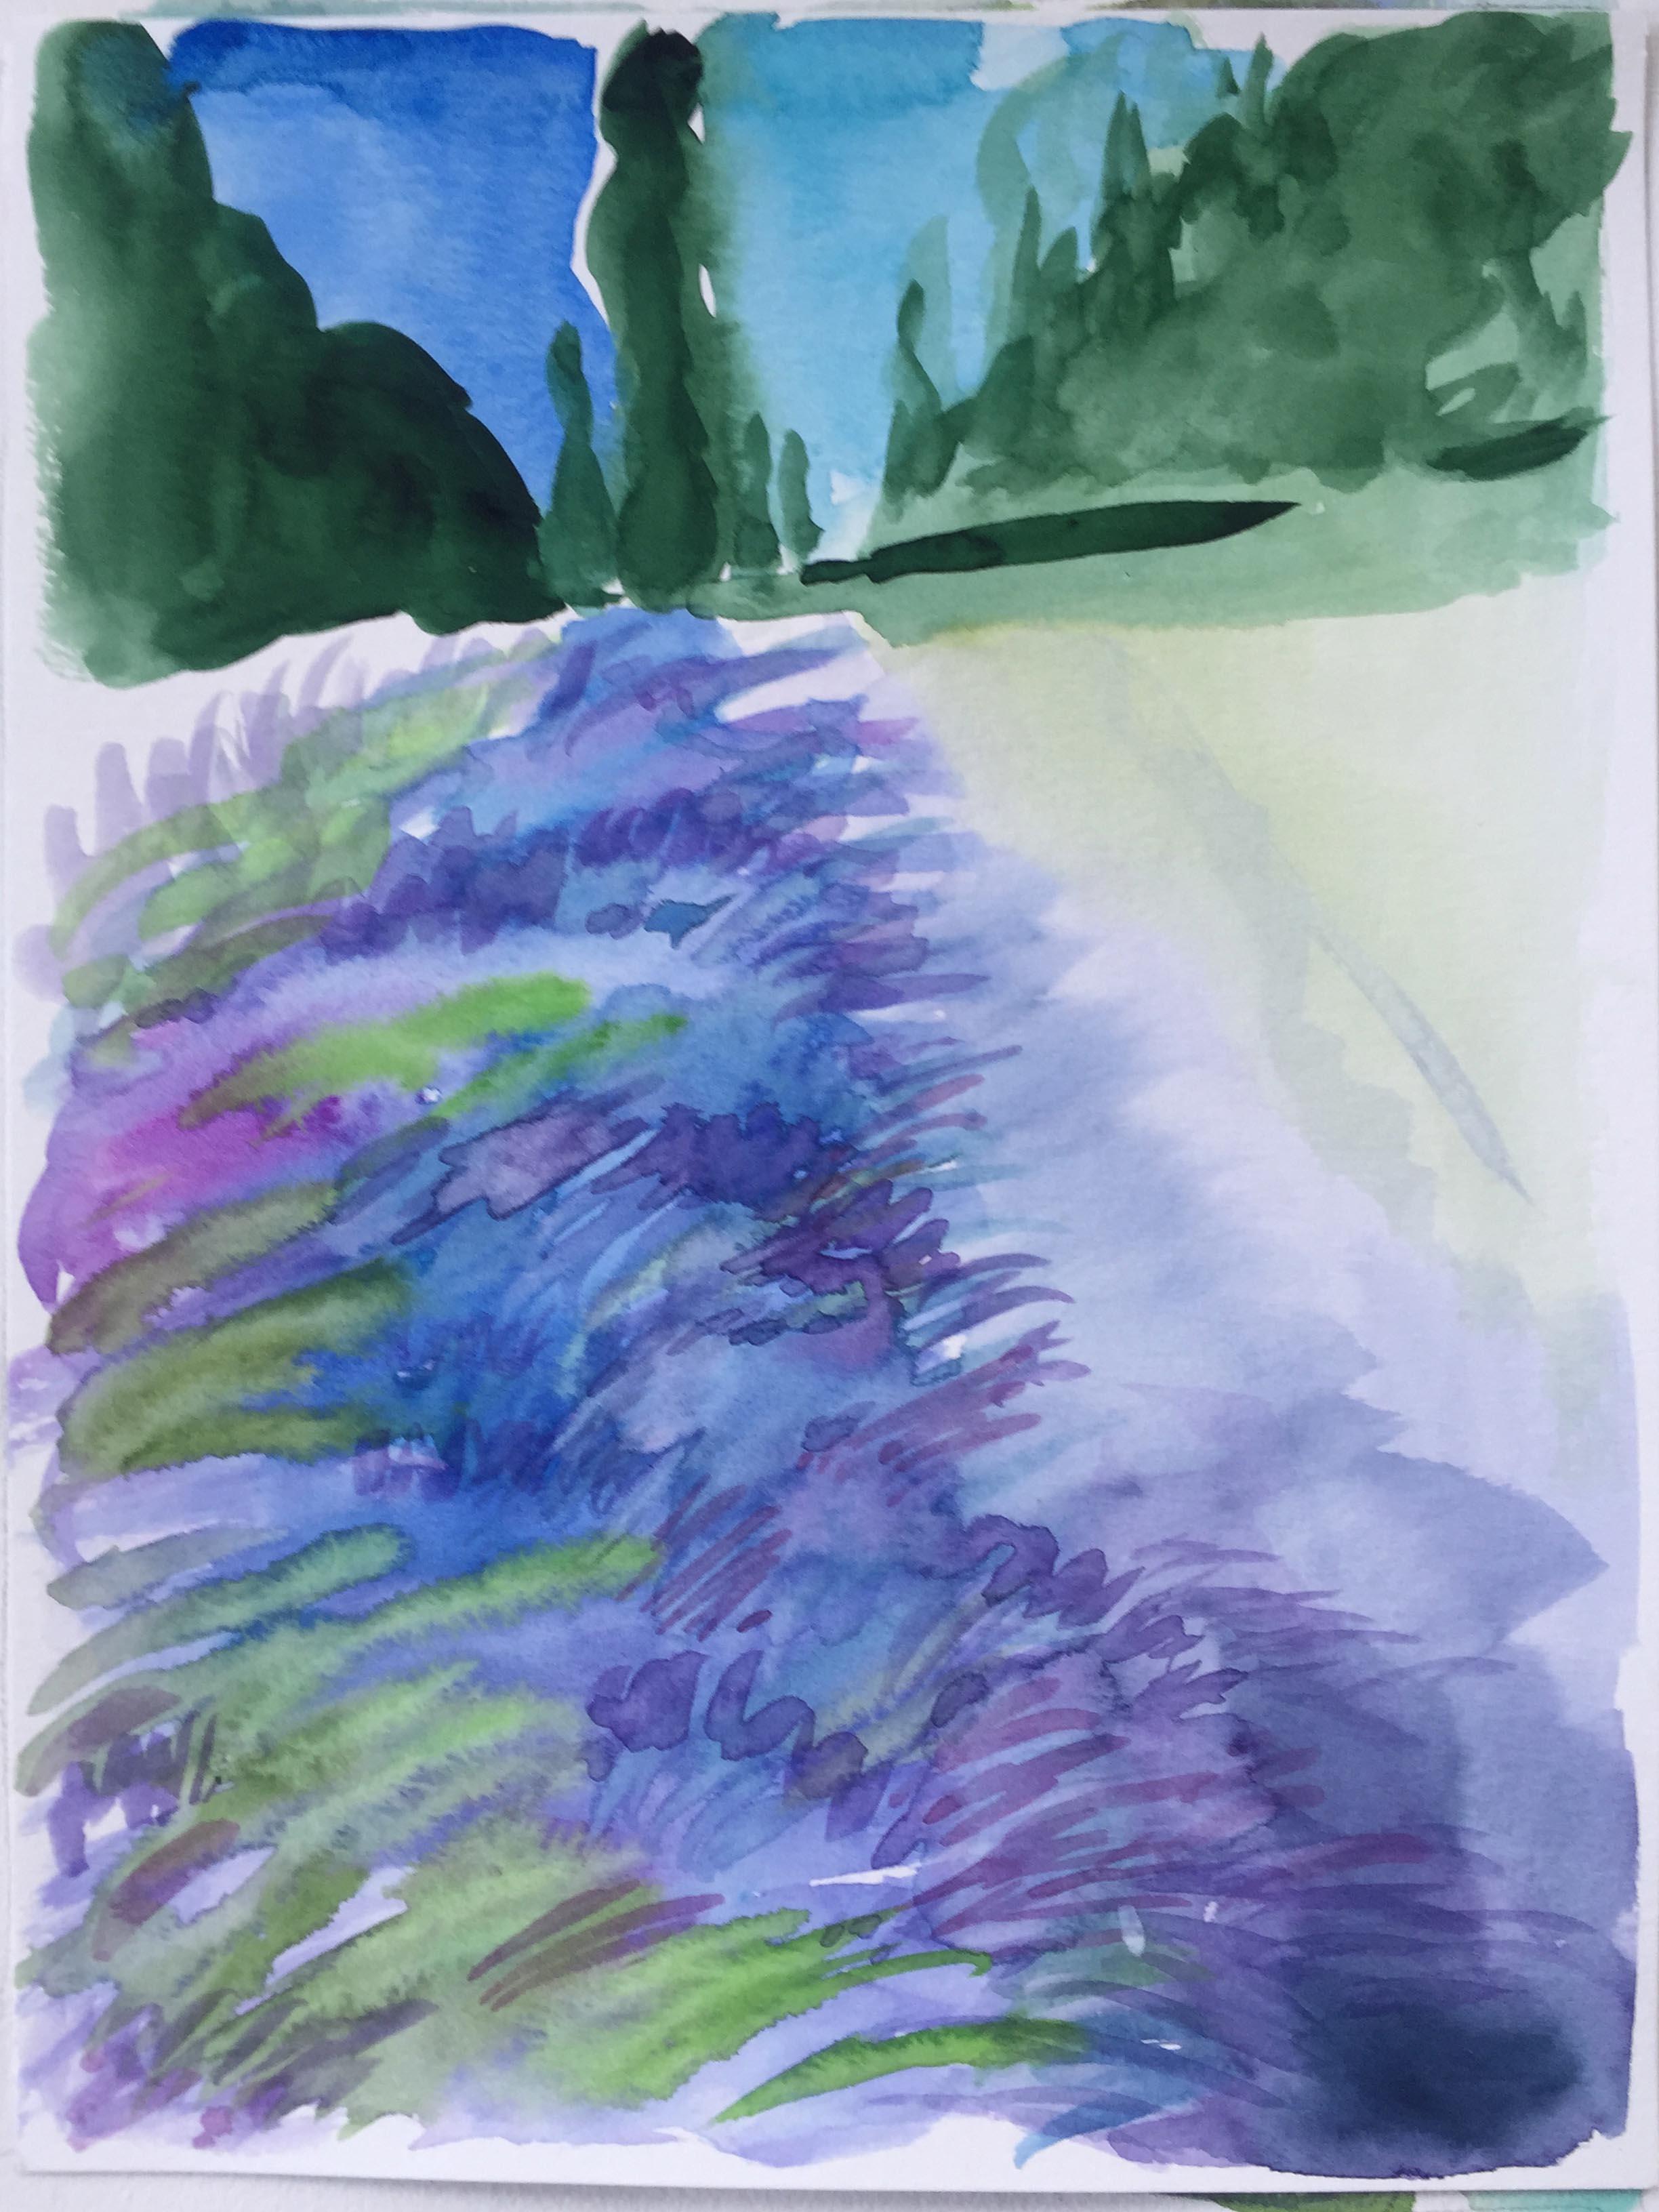 Lavender-Bender-wc-1379.jpg